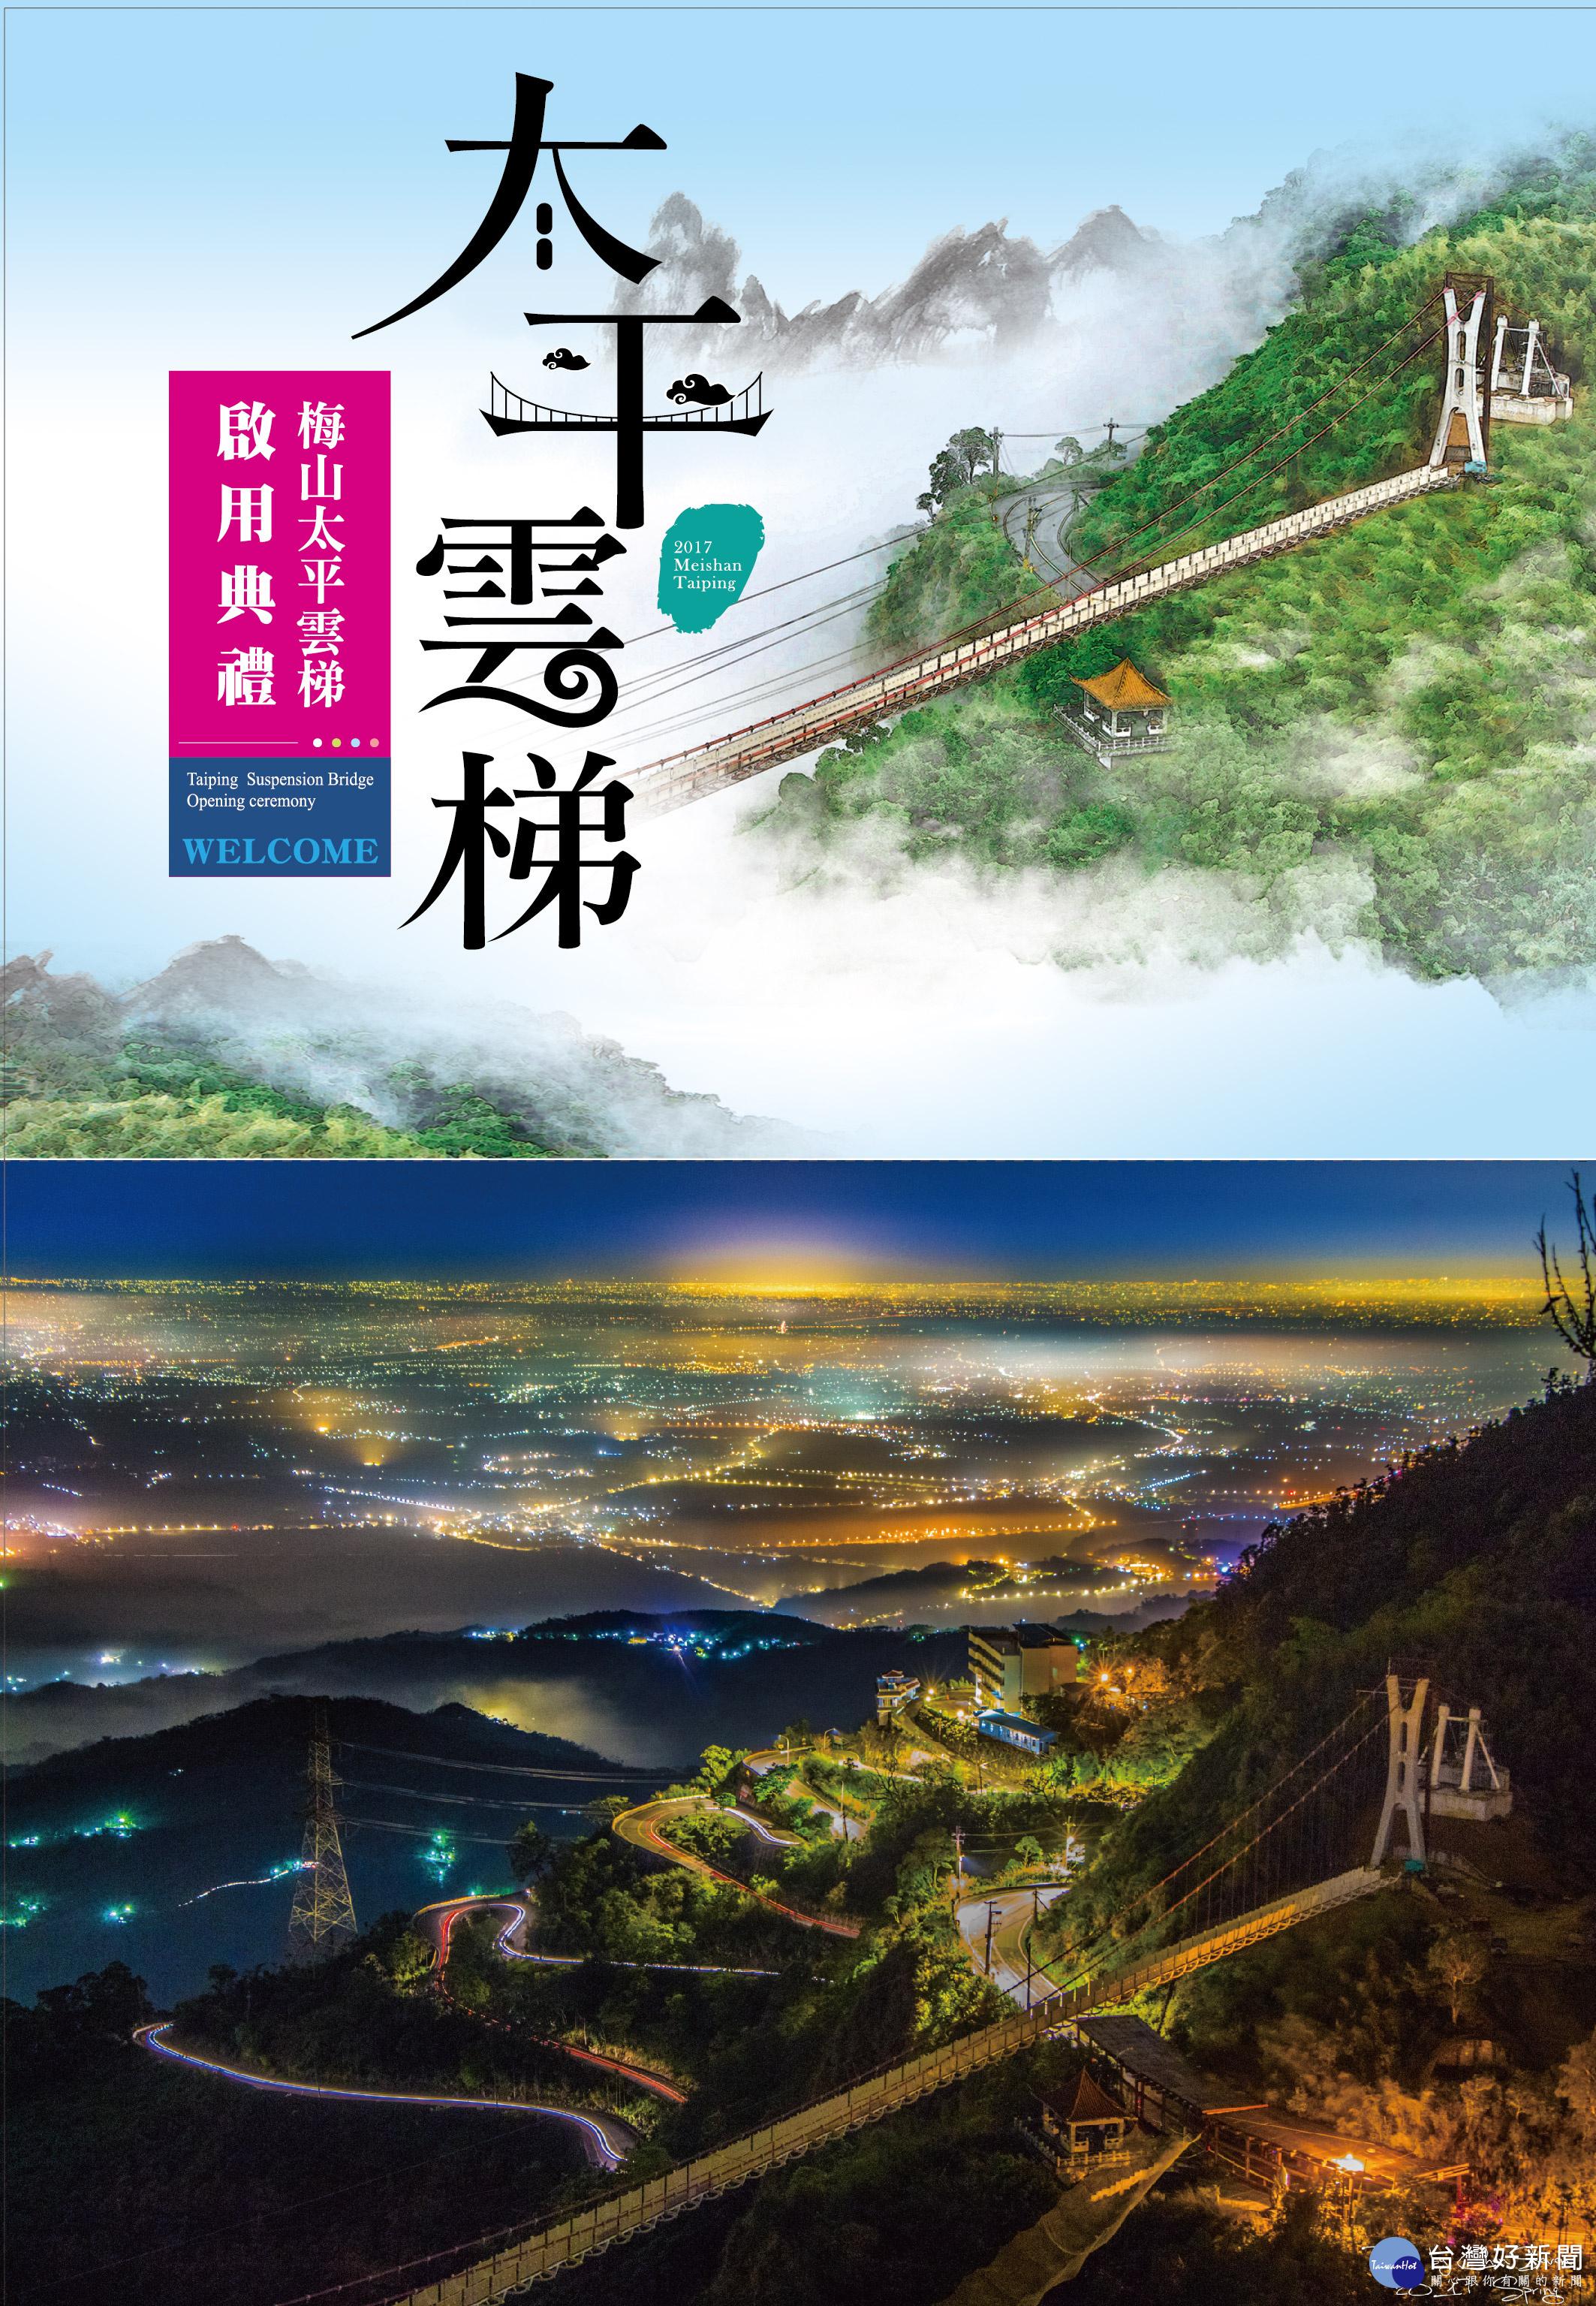 太平雲梯將於9/23啟用 周邊地區經典遊程推廣啟動_